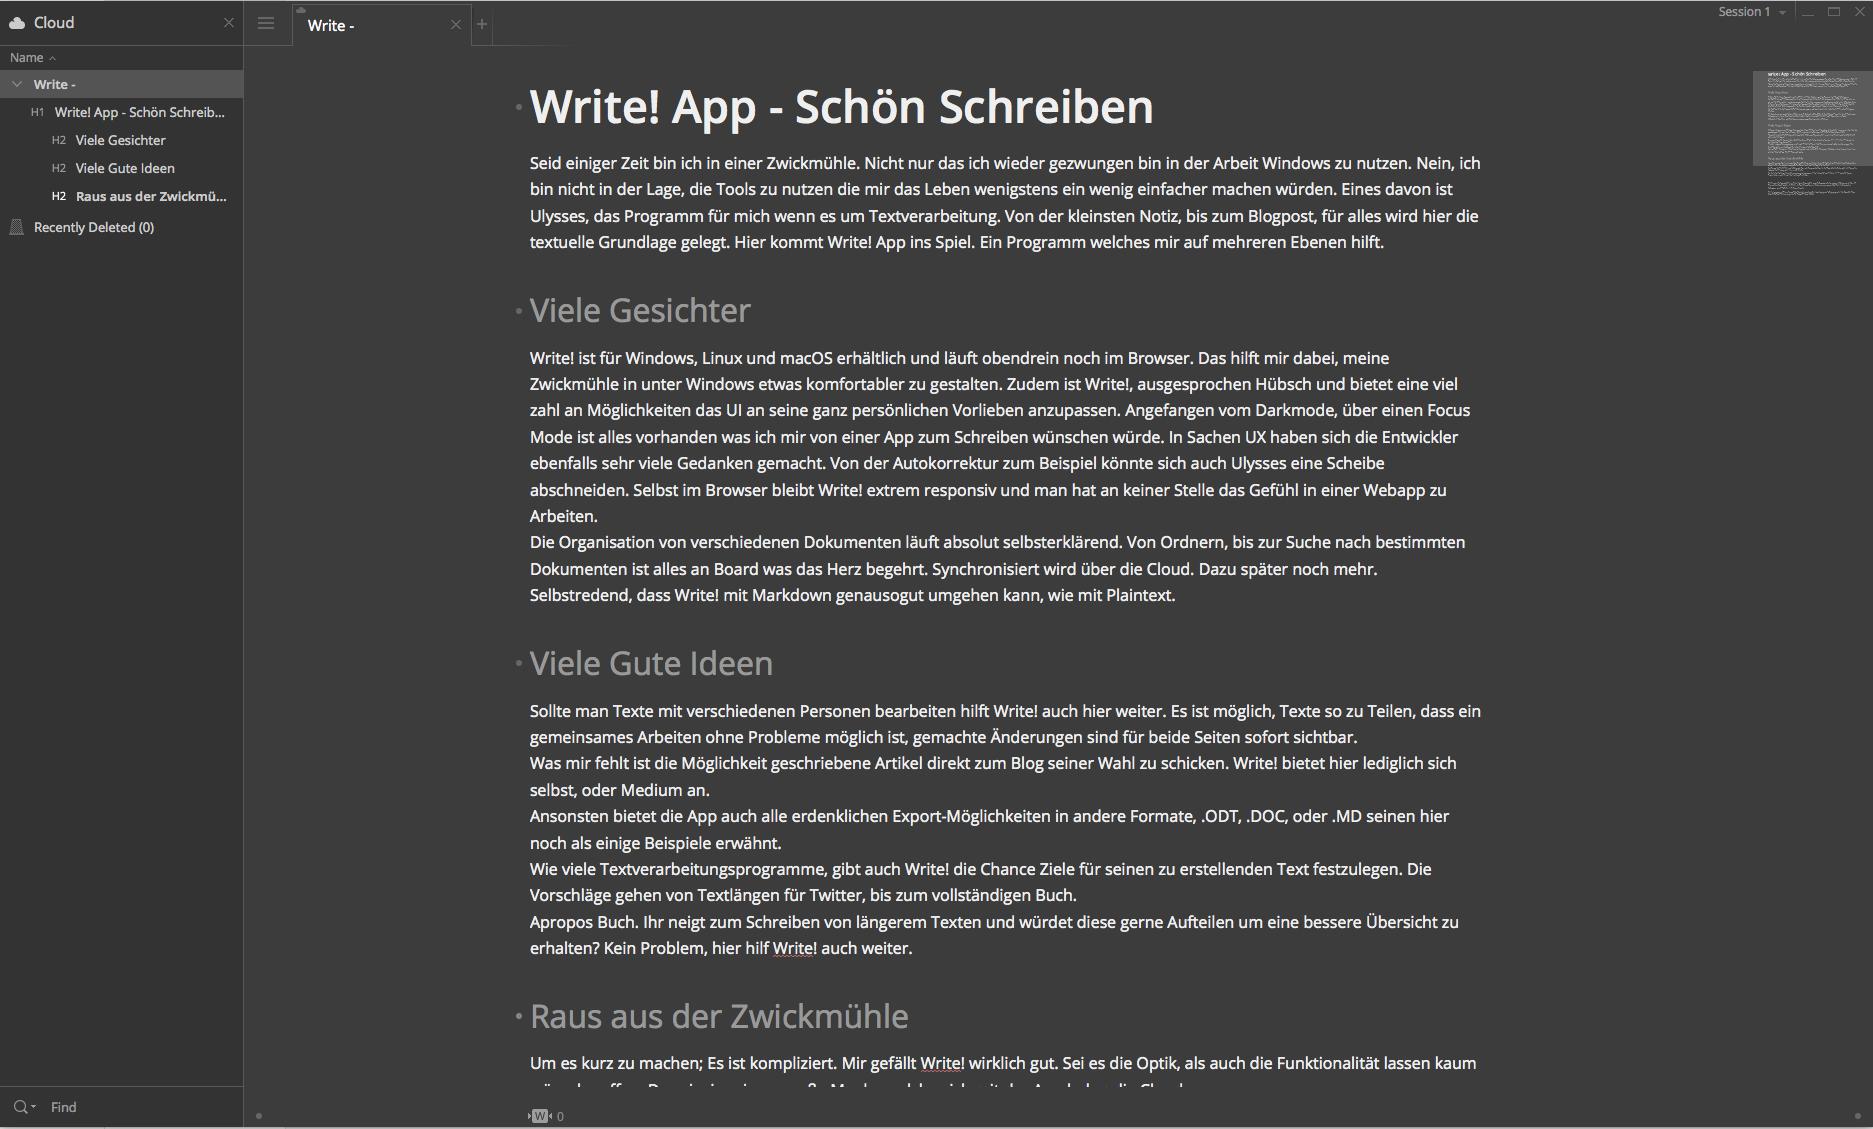 Write! App in der Vollansicht